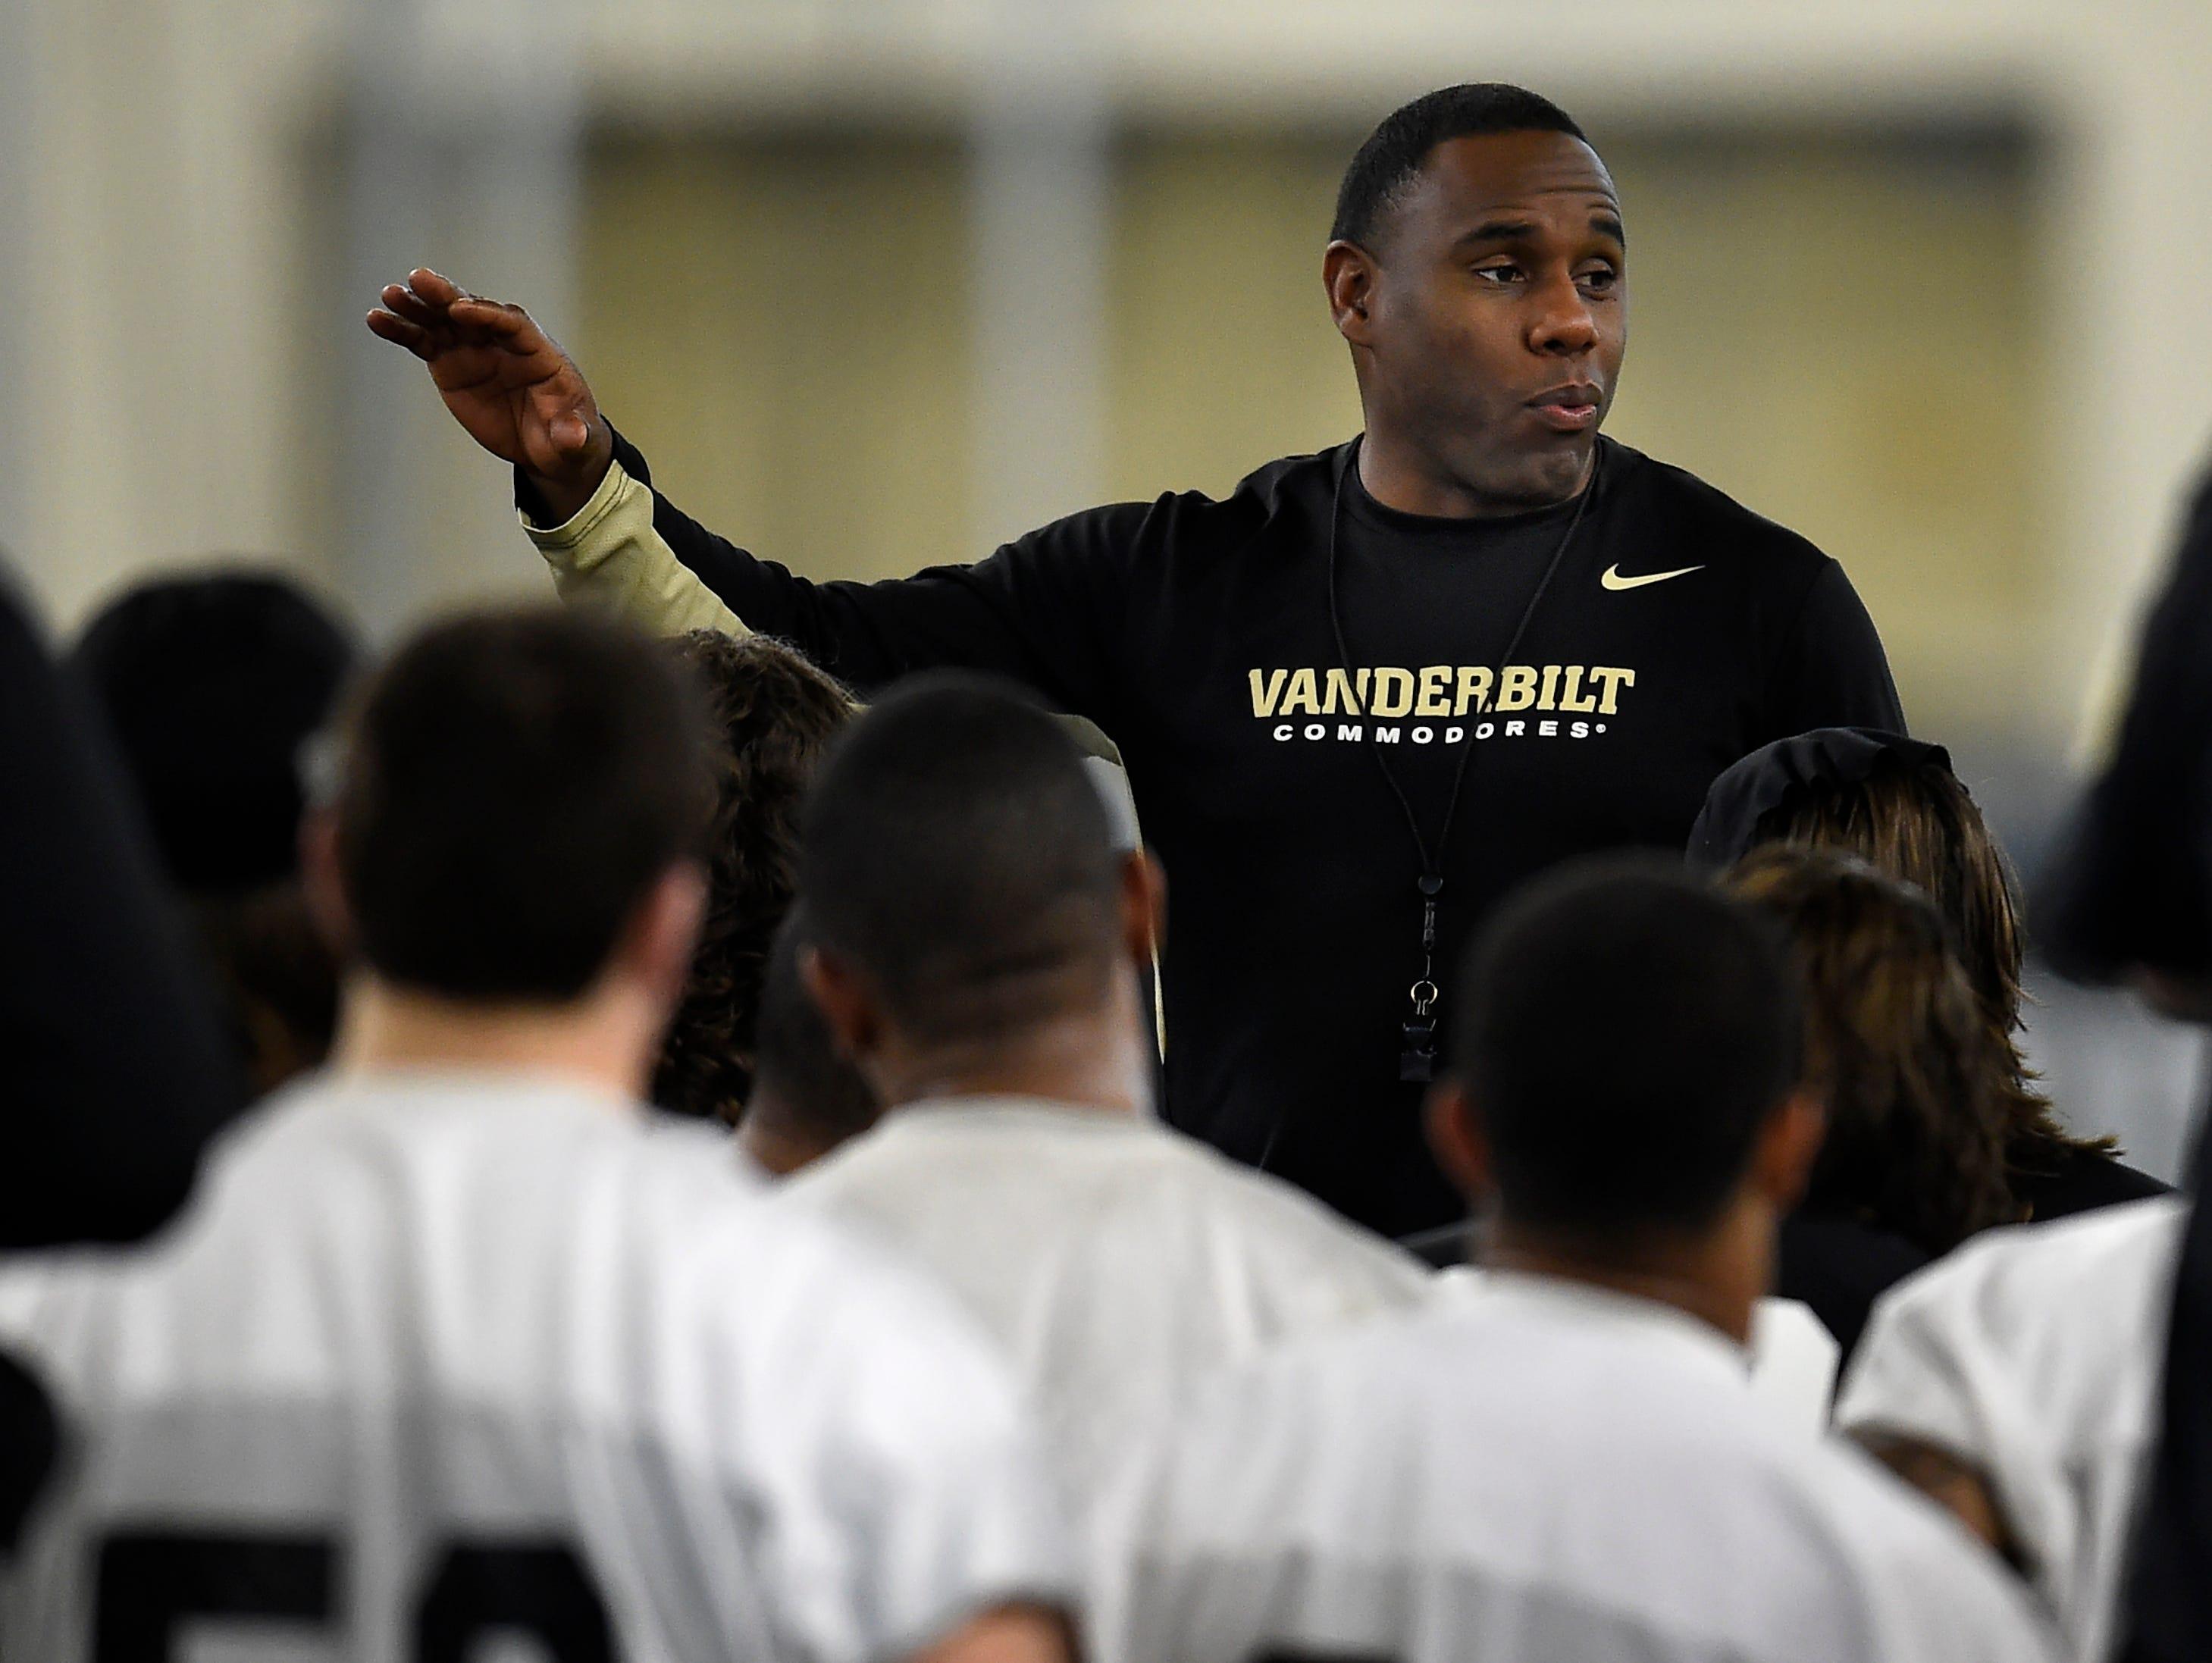 Vanderbilt coach Derek Mason talks with his players after their first spring practice Feb. 22.